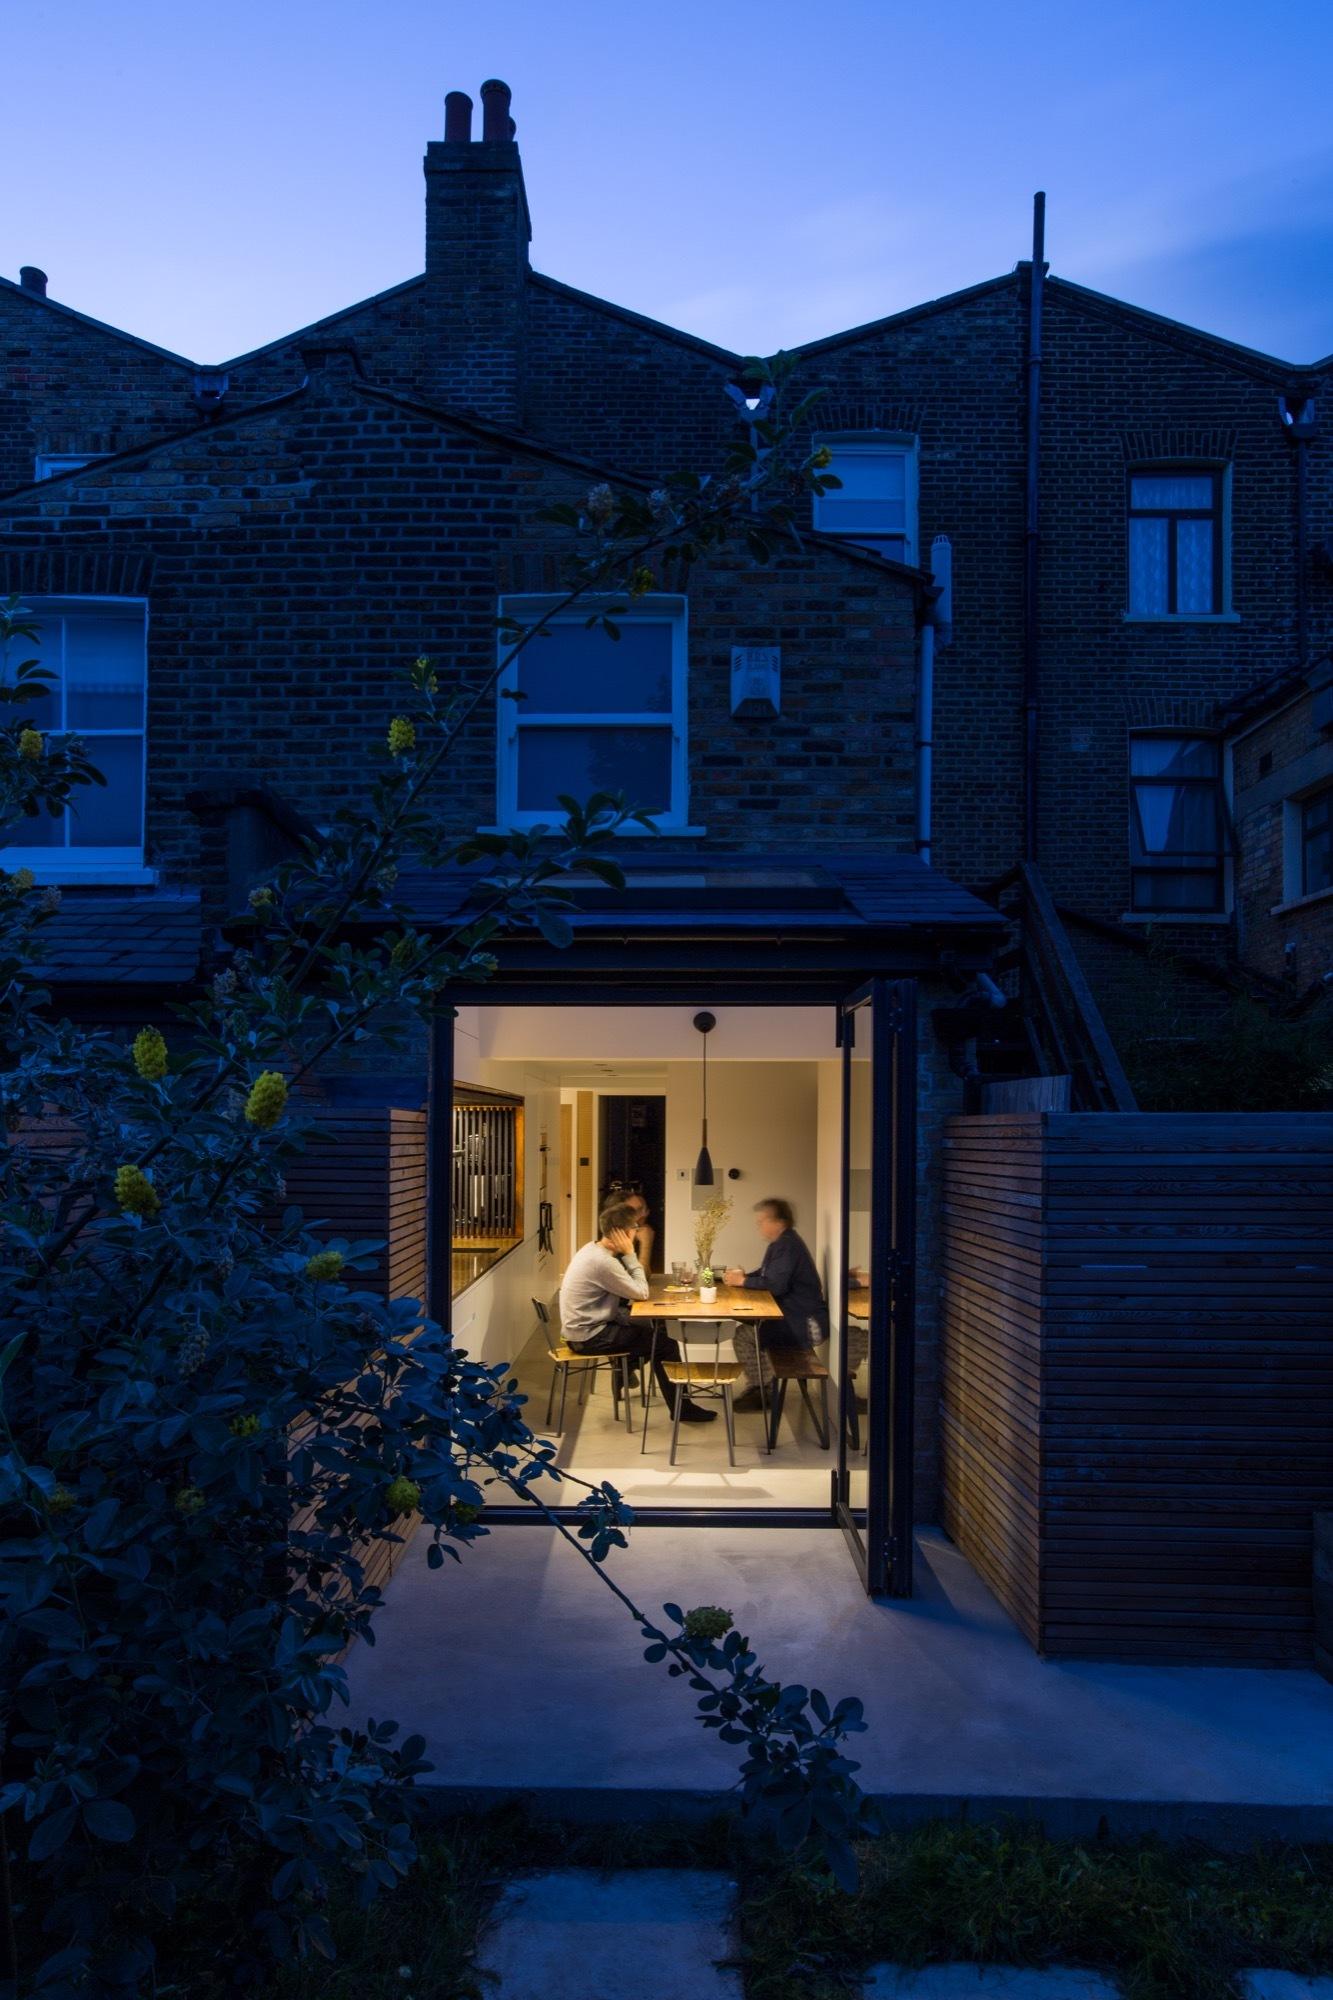 Sunken Bath Project / Studio 304 Architecture | ArchDaily